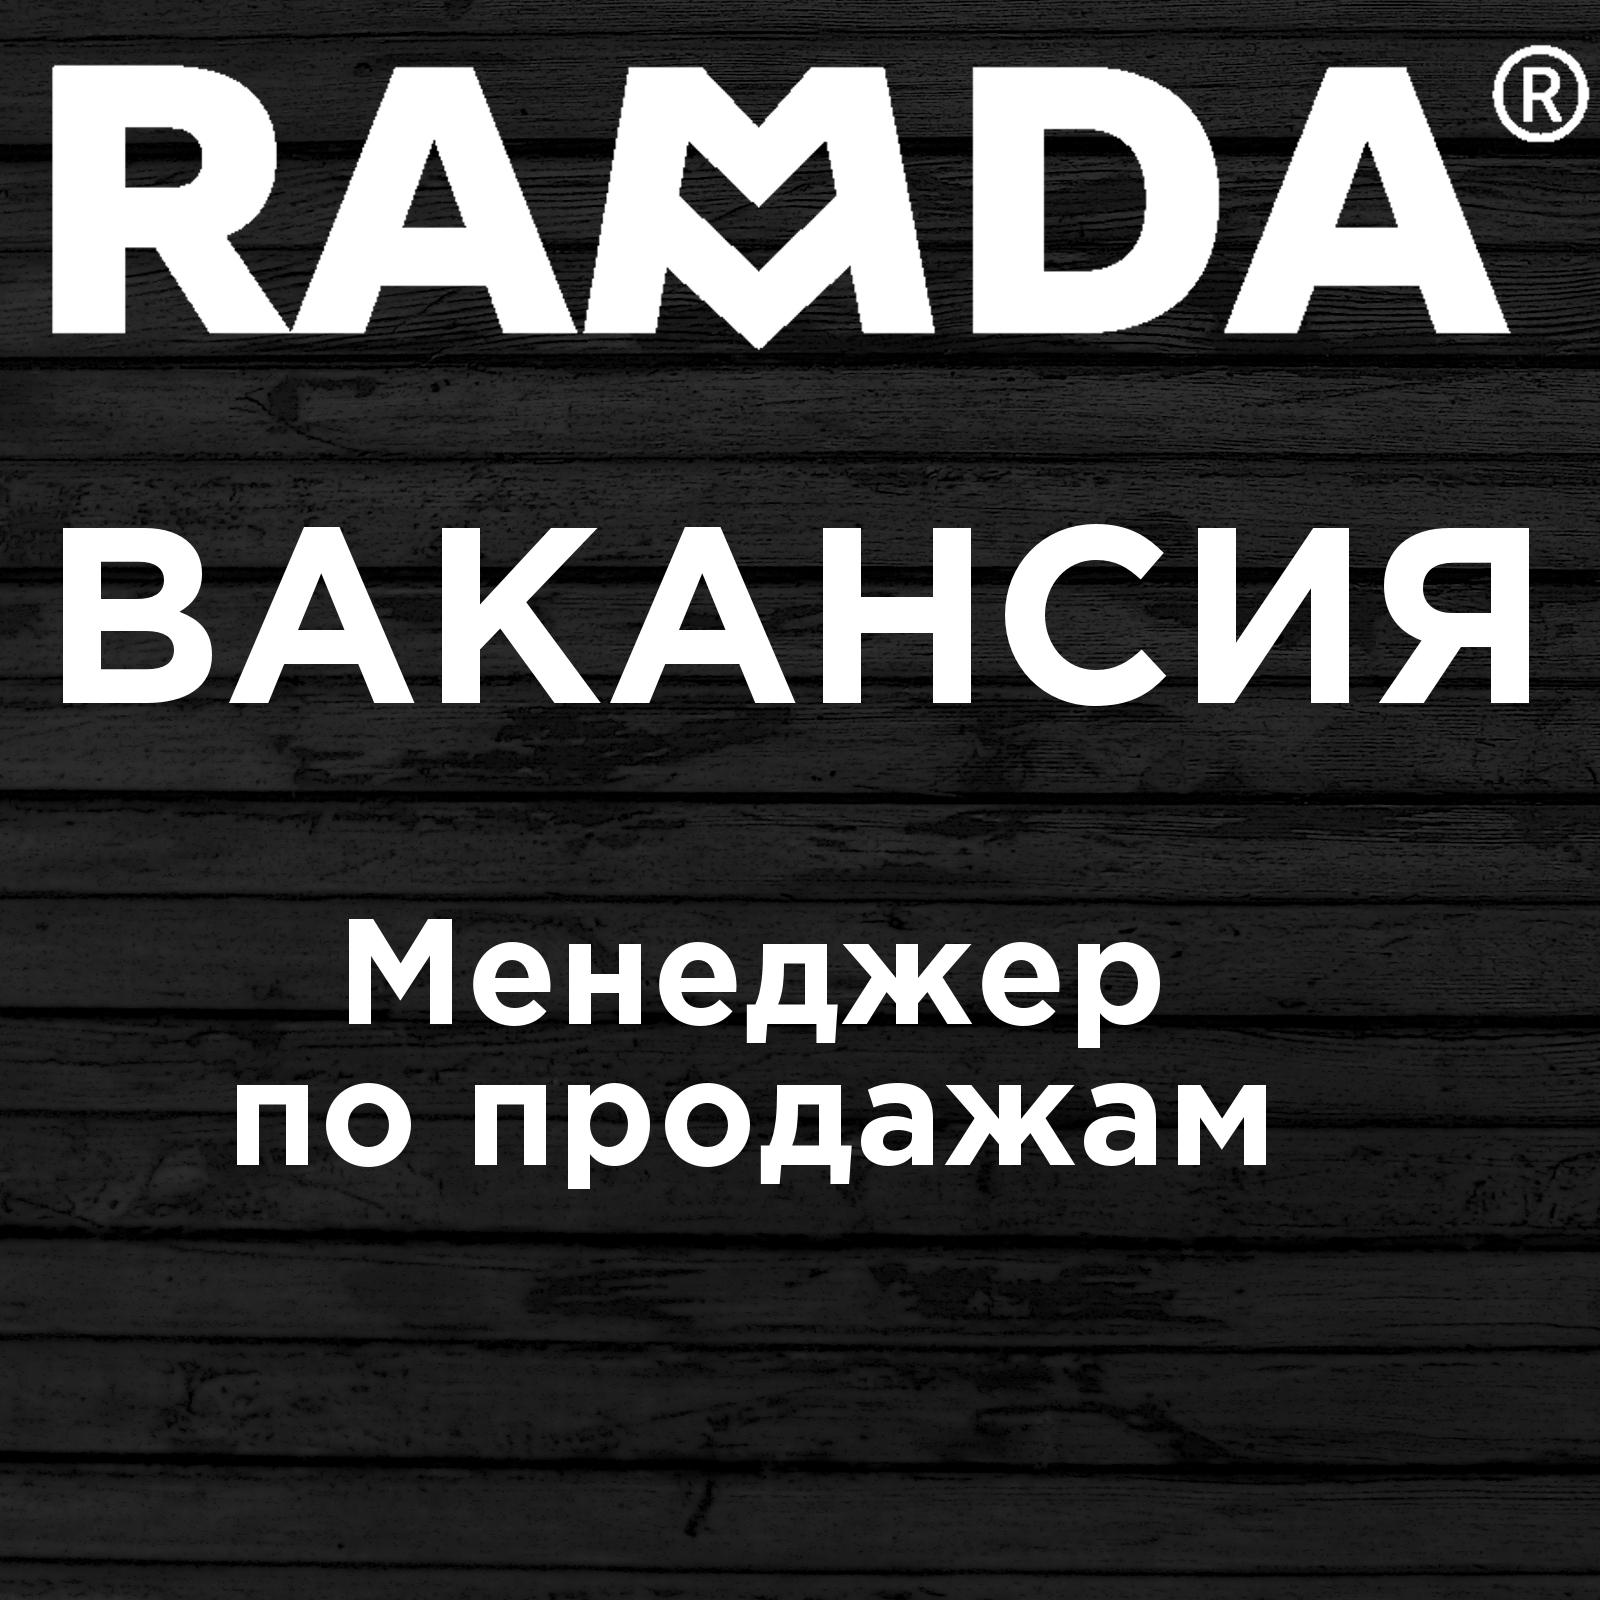 Вакансия менеджер по продажам в Новосибирске от RAMDA